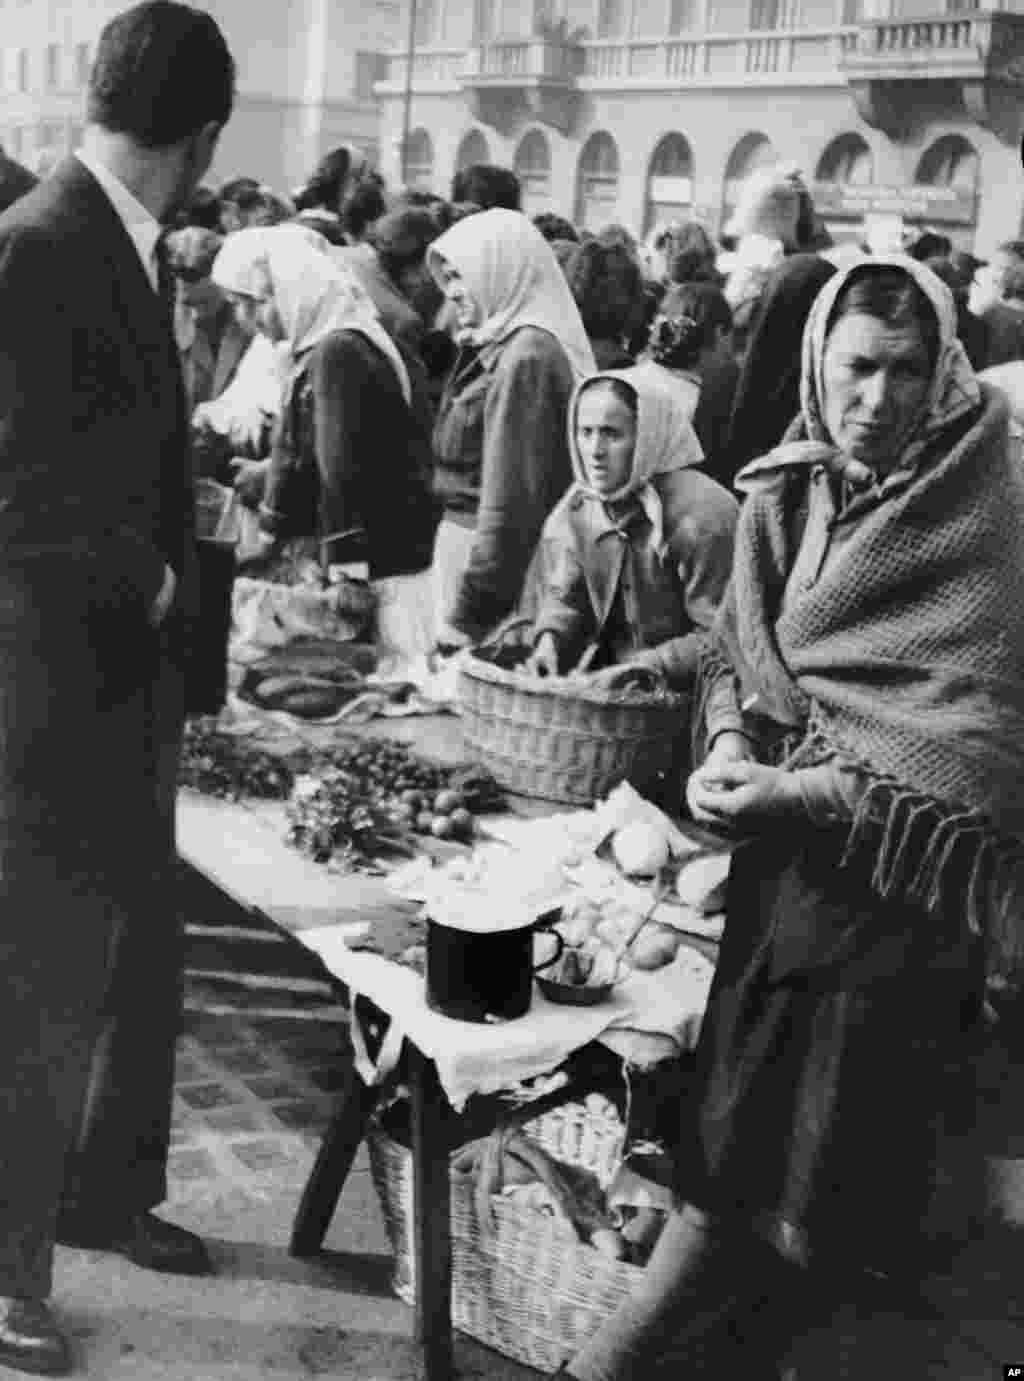 Белградский рынок в 1950 году, когда напряженность в отношениях с Советским Союзом привела к торговой блокаде, нехватке продовольствия и опасениям военного вторжения. В то время Тито проводил безжалостные репрессии против тех, кто сочувствовал Советскому Союзу. Сотни людей были убиты в ходе политических репрессий, а тысячи отправлены в исправительно-трудовые лагеря.